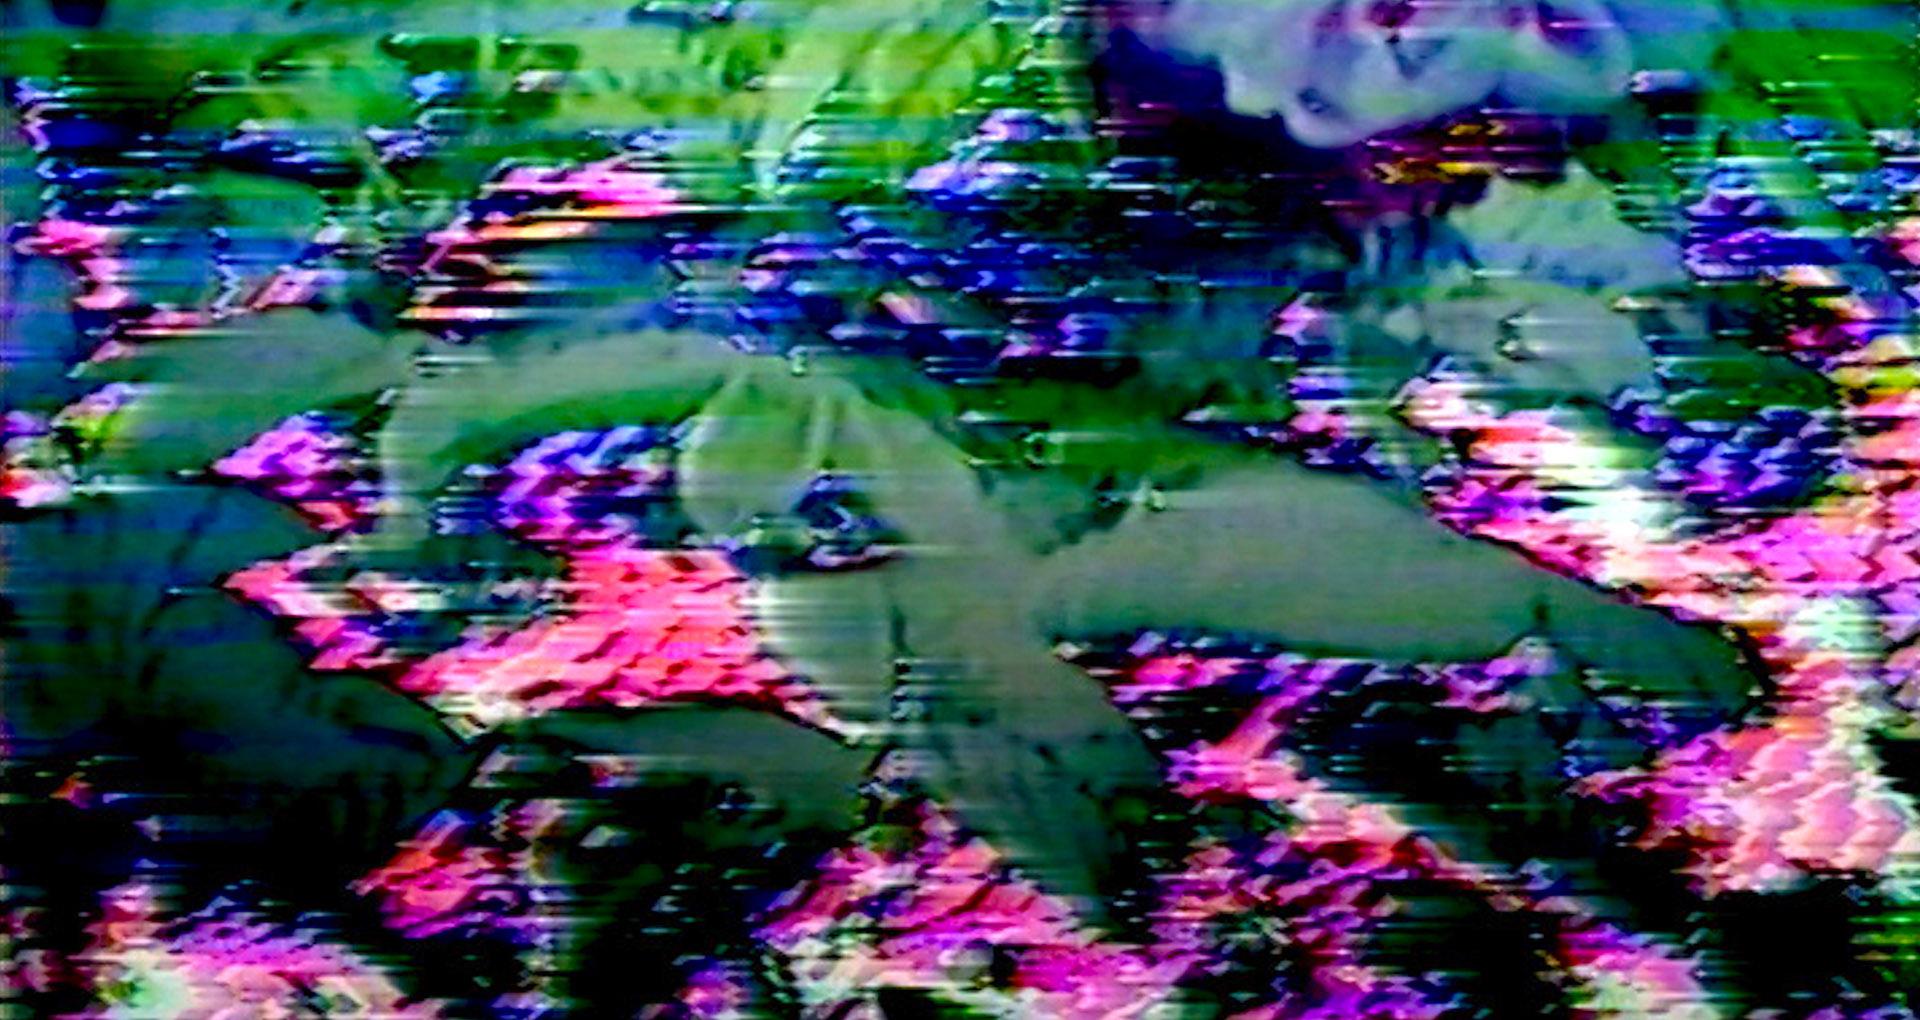 image couleur, glitch vidéo, plantes